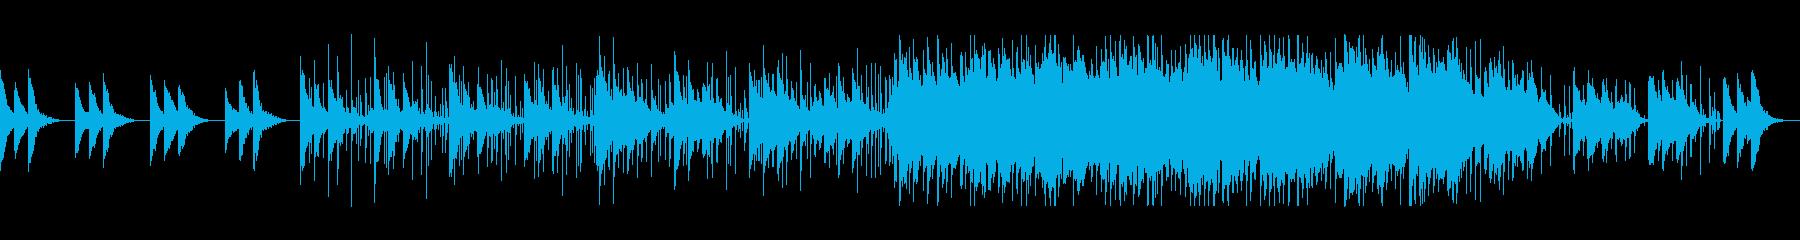 涼しげ可愛いシンセサイザーサウンドの再生済みの波形